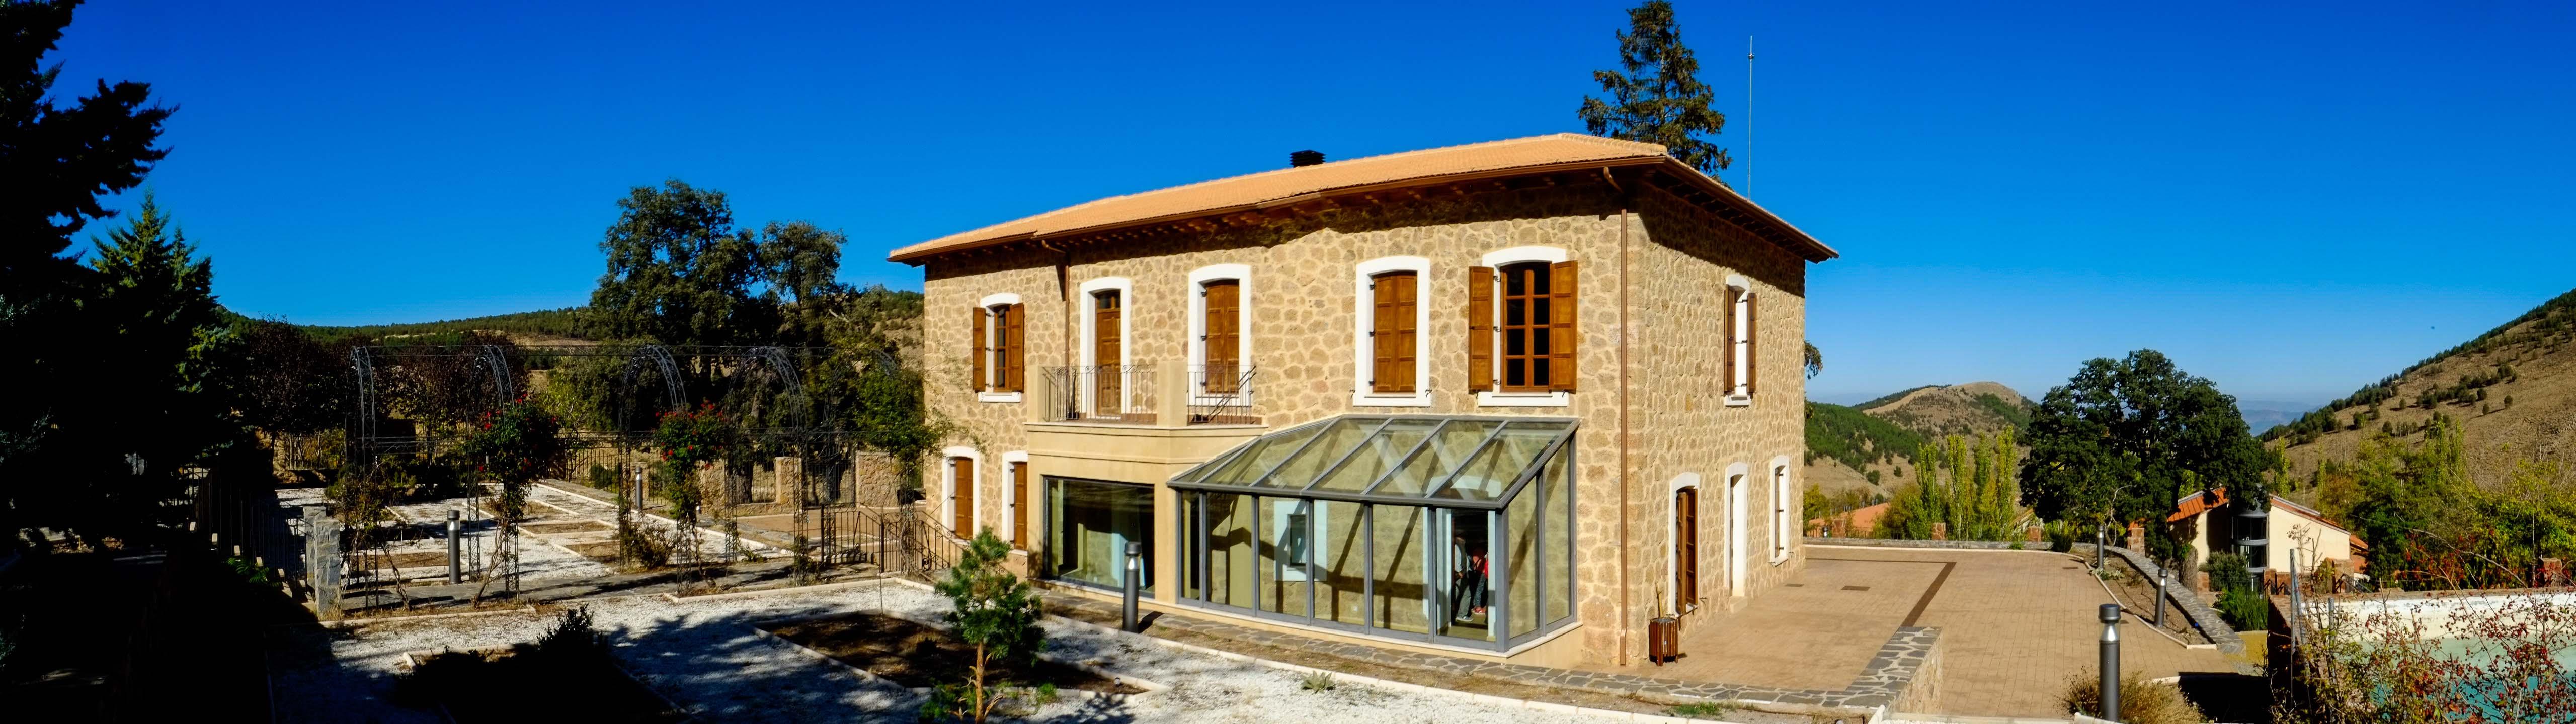 Antigua vivienda del ingeniero jefe de Las Menas reconvertida en Centro de Interpretación © Fotografía: Paco Bonilla